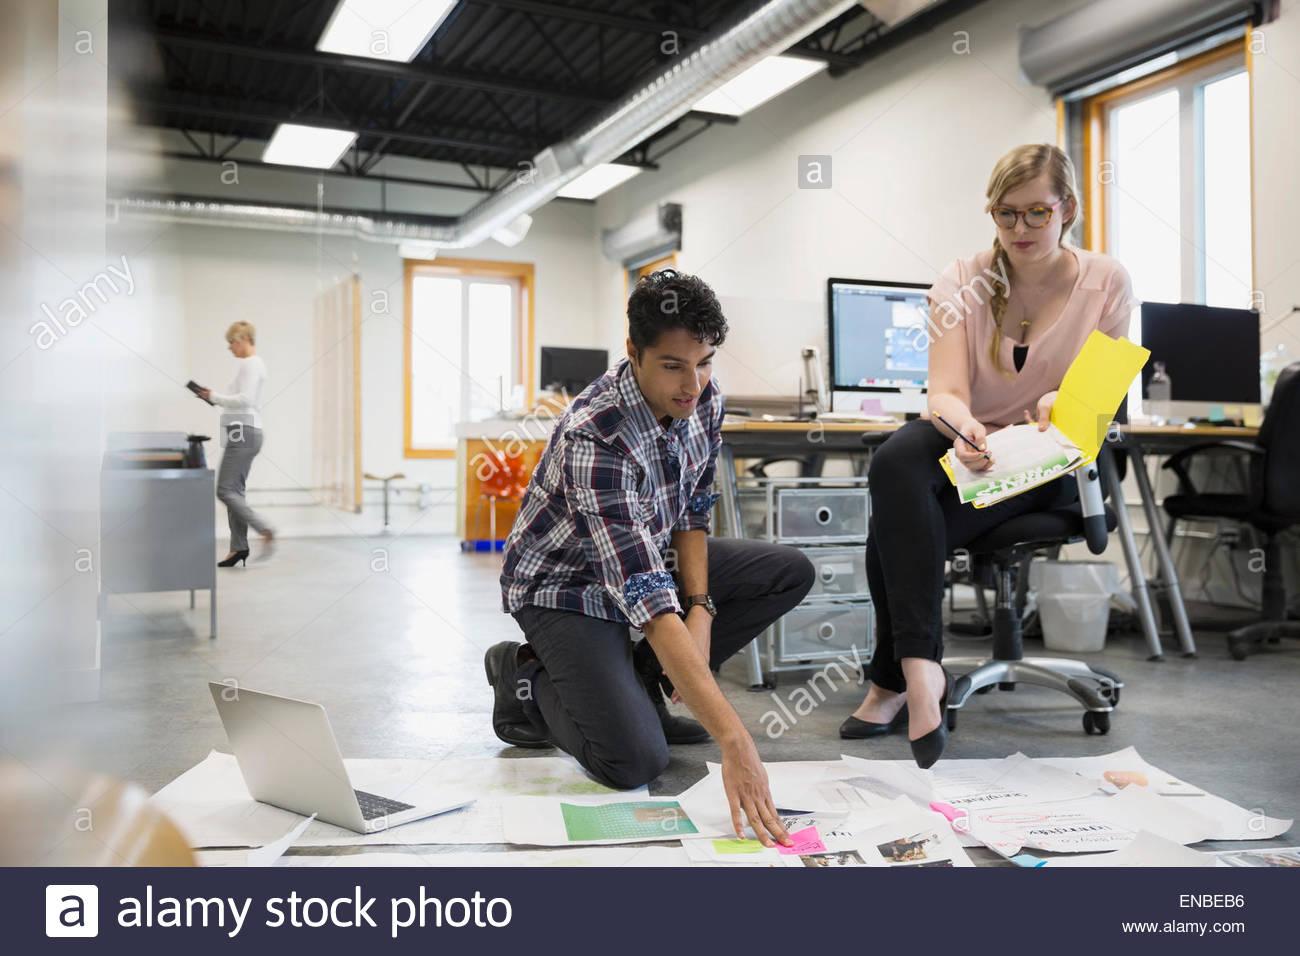 Diseñadores gráficos reunión revisando las pruebas sobre el suelo de su oficina Imagen De Stock